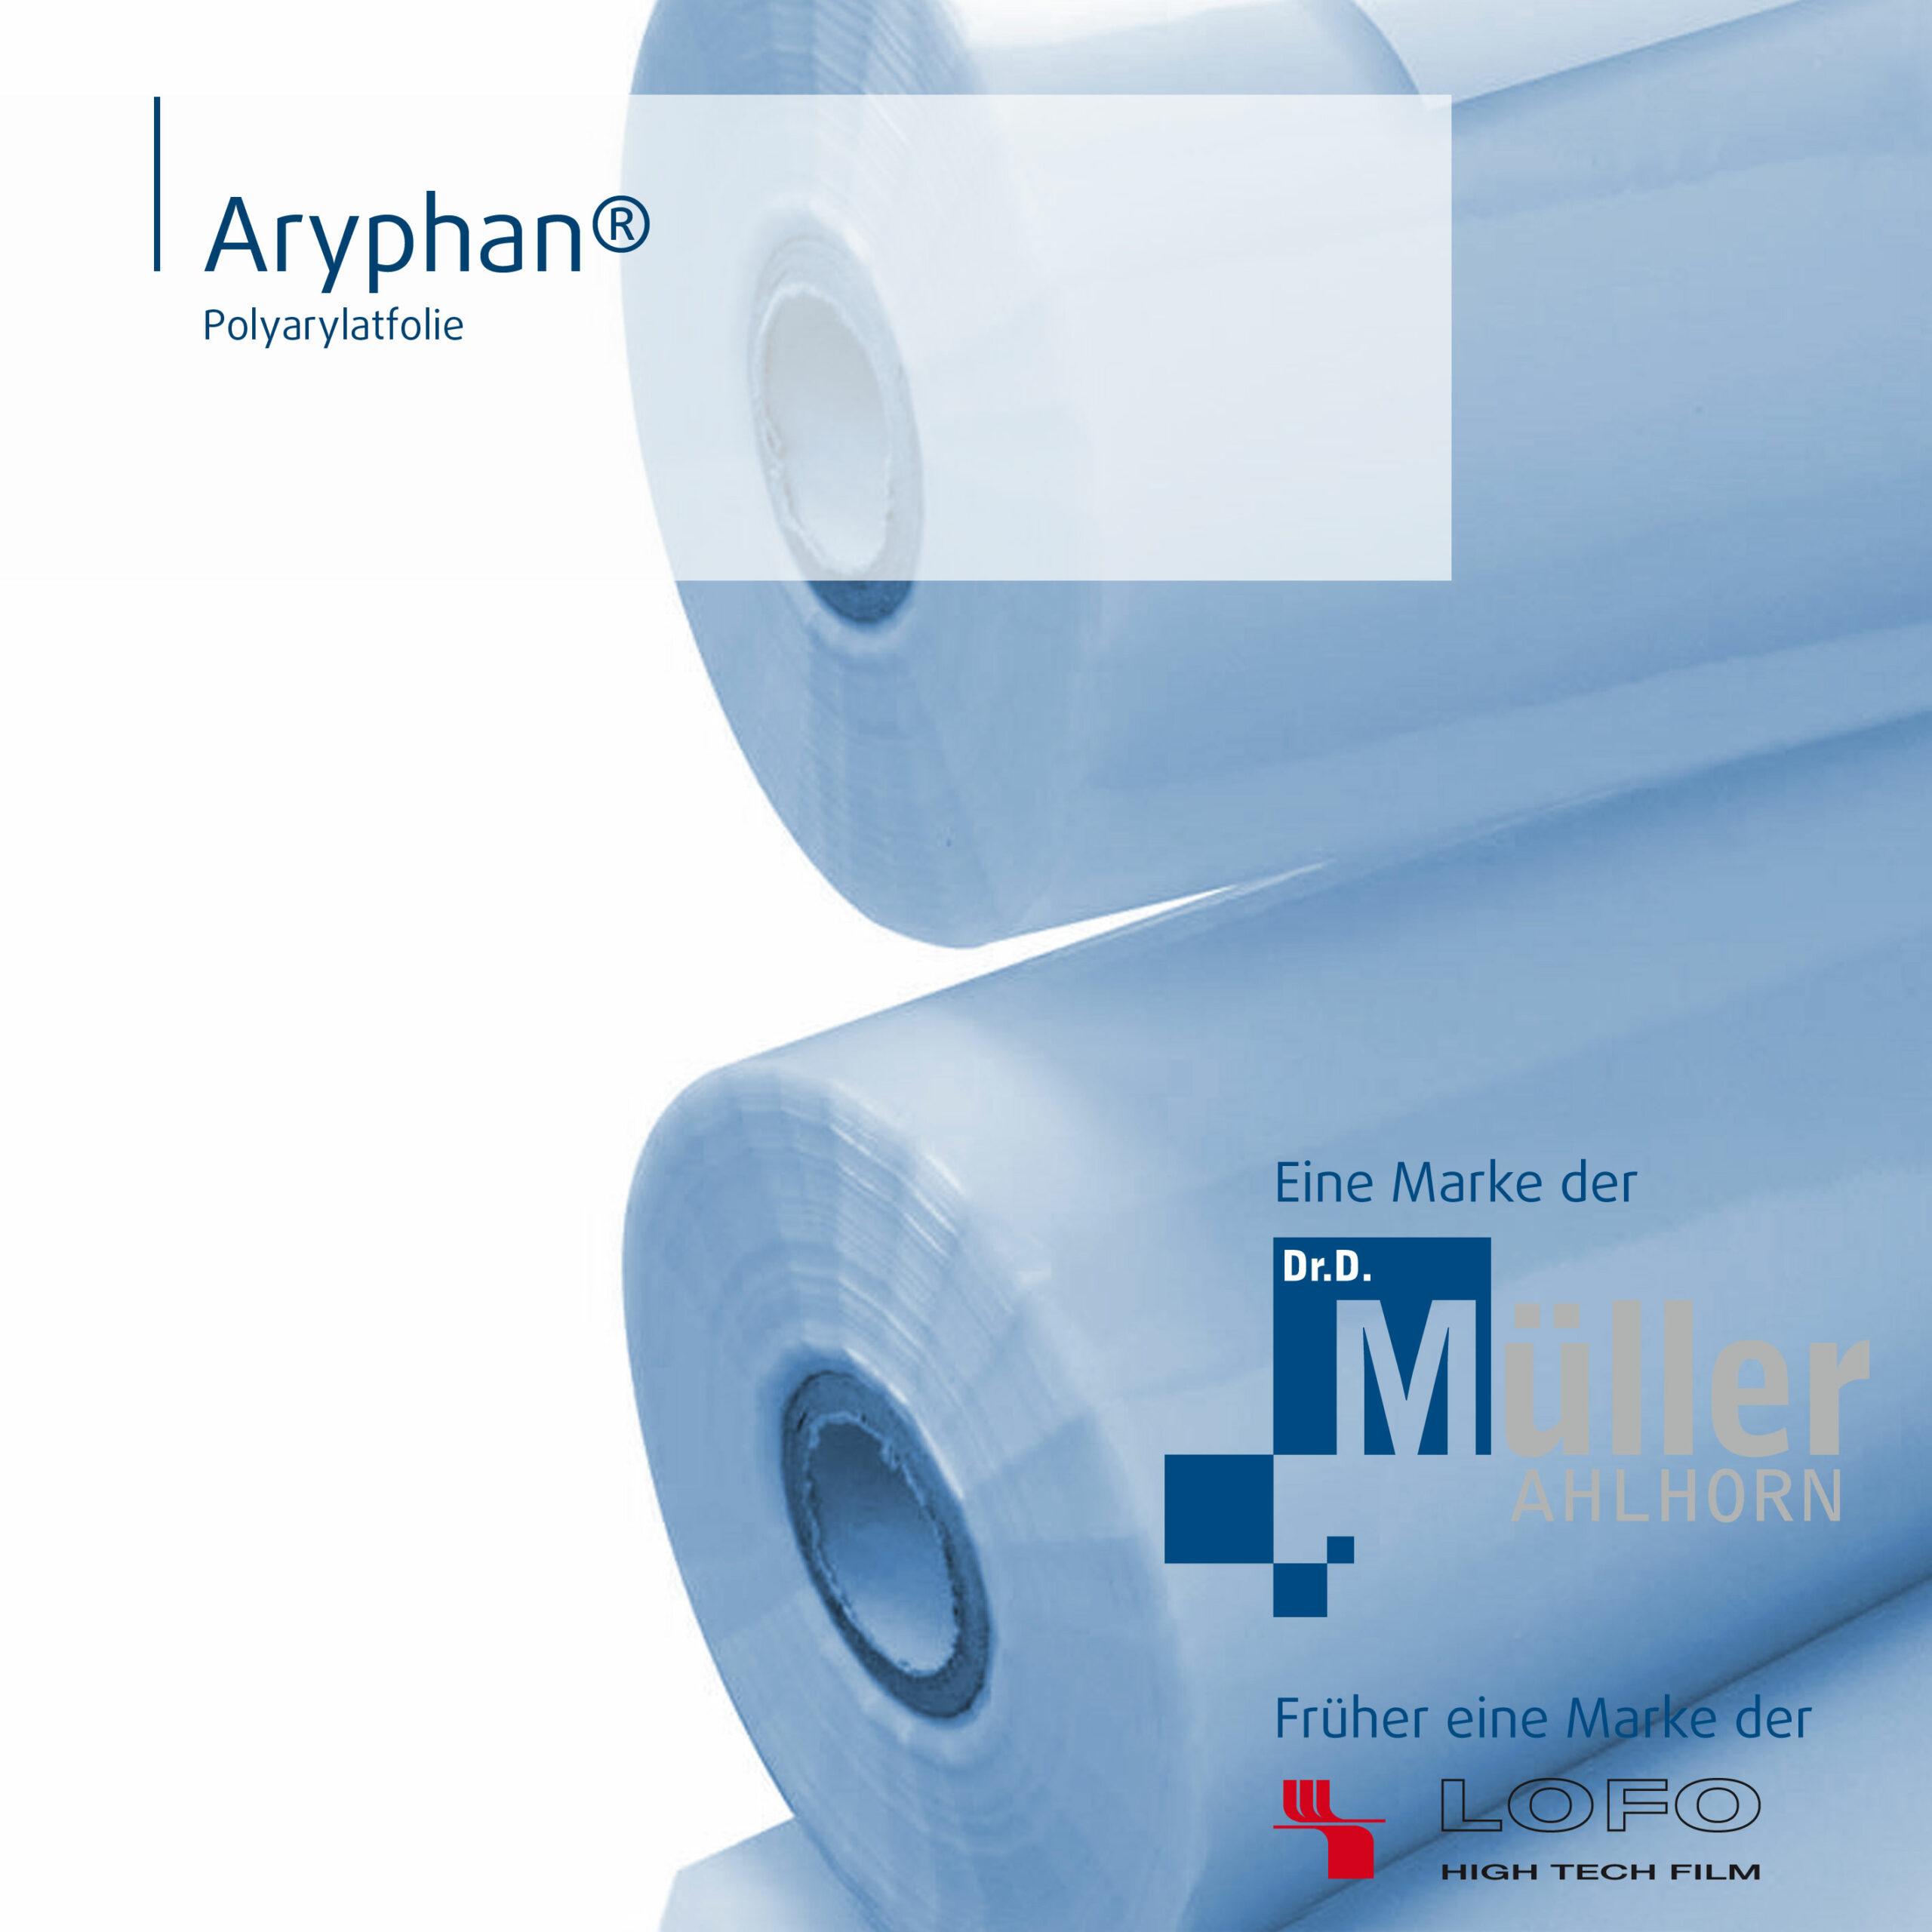 Aryphan